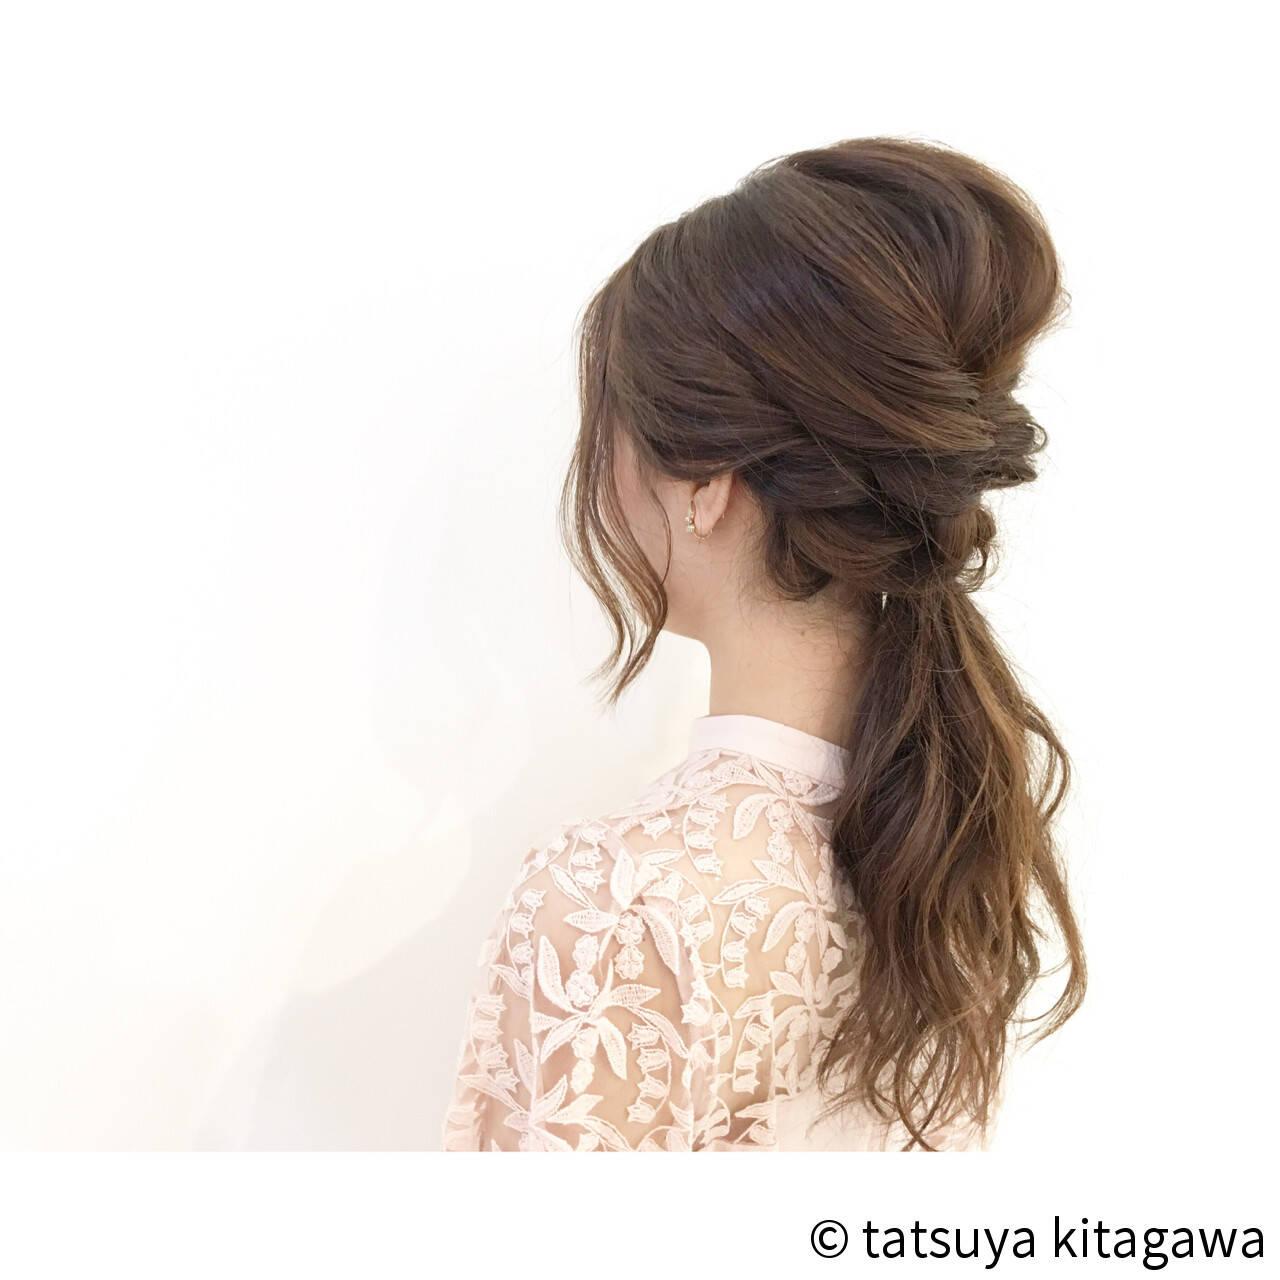 ポニーテール ナチュラル ゆるふわ ローポニーテールヘアスタイルや髪型の写真・画像